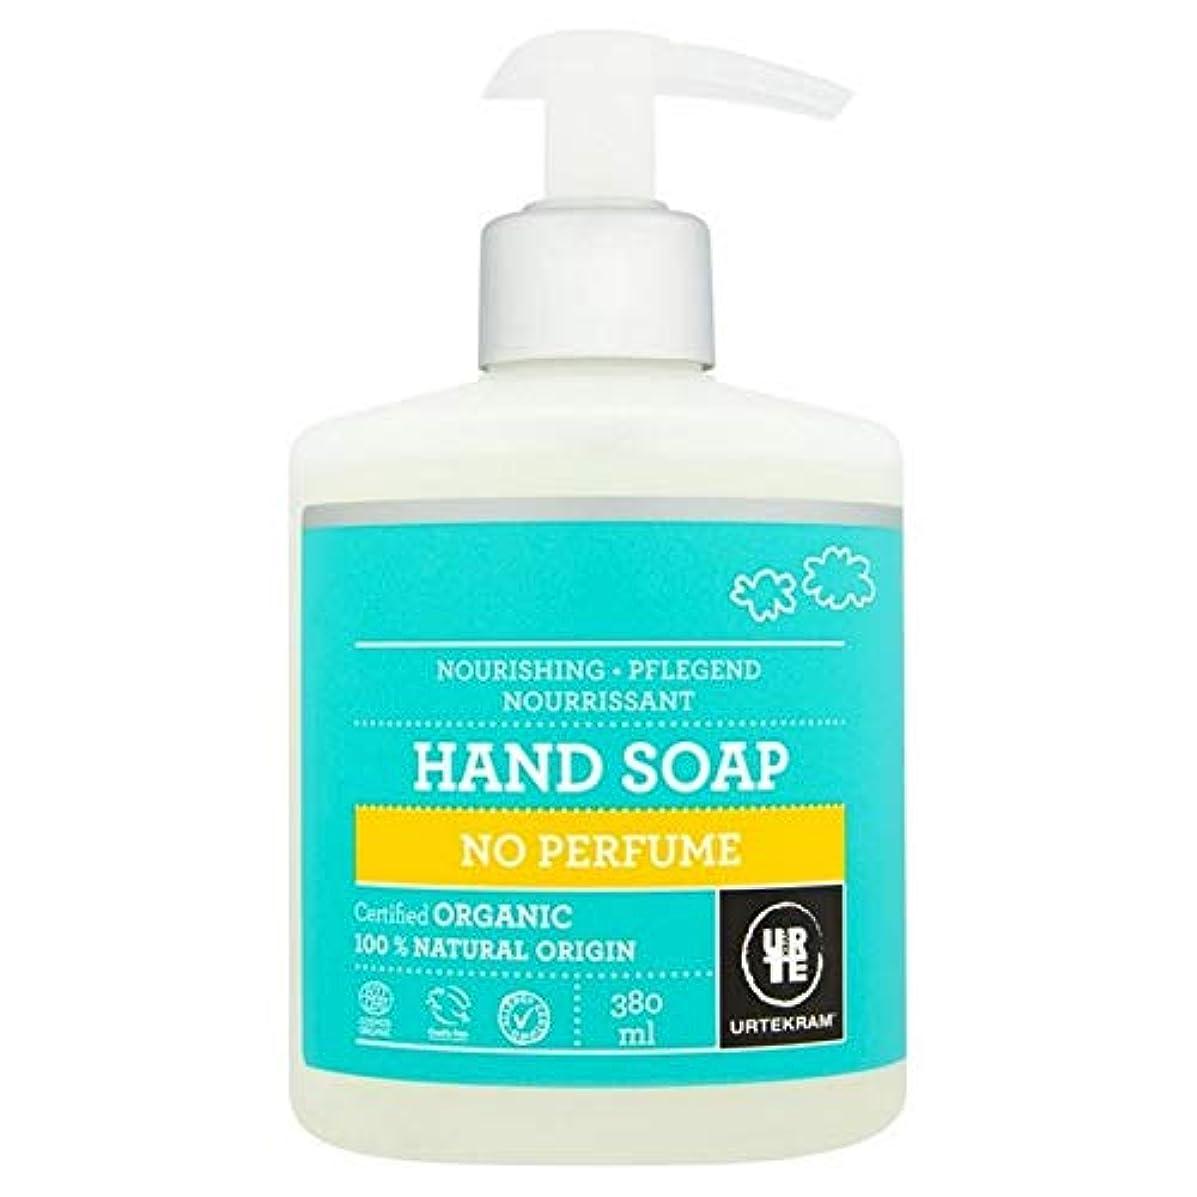 北西葉しばしば[Urtekram] 何の香水、液体ハンドソープ380ミリリットルをUrtekramありません - Urtekram No Perfume Liquid Hand Soap 380ml [並行輸入品]